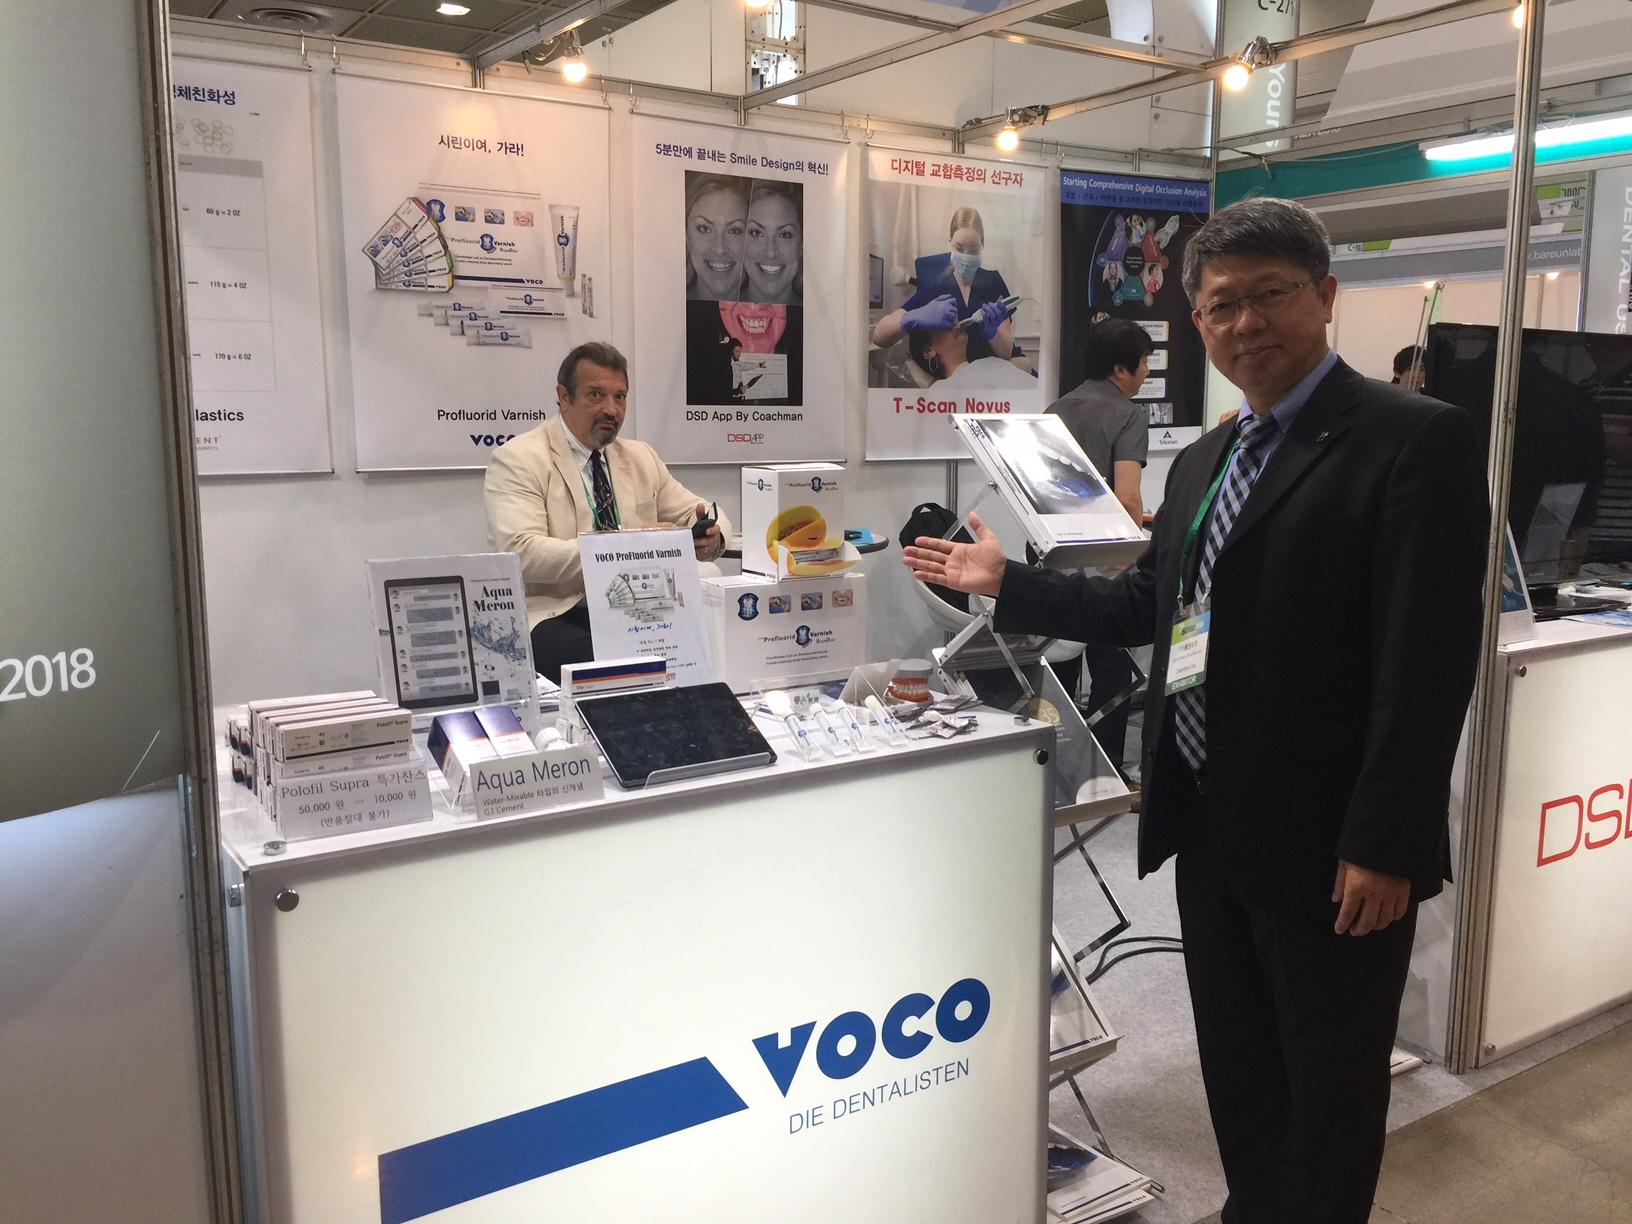 VOCO沃柯东亚区域经理骆博士向韩国观众推广新产品